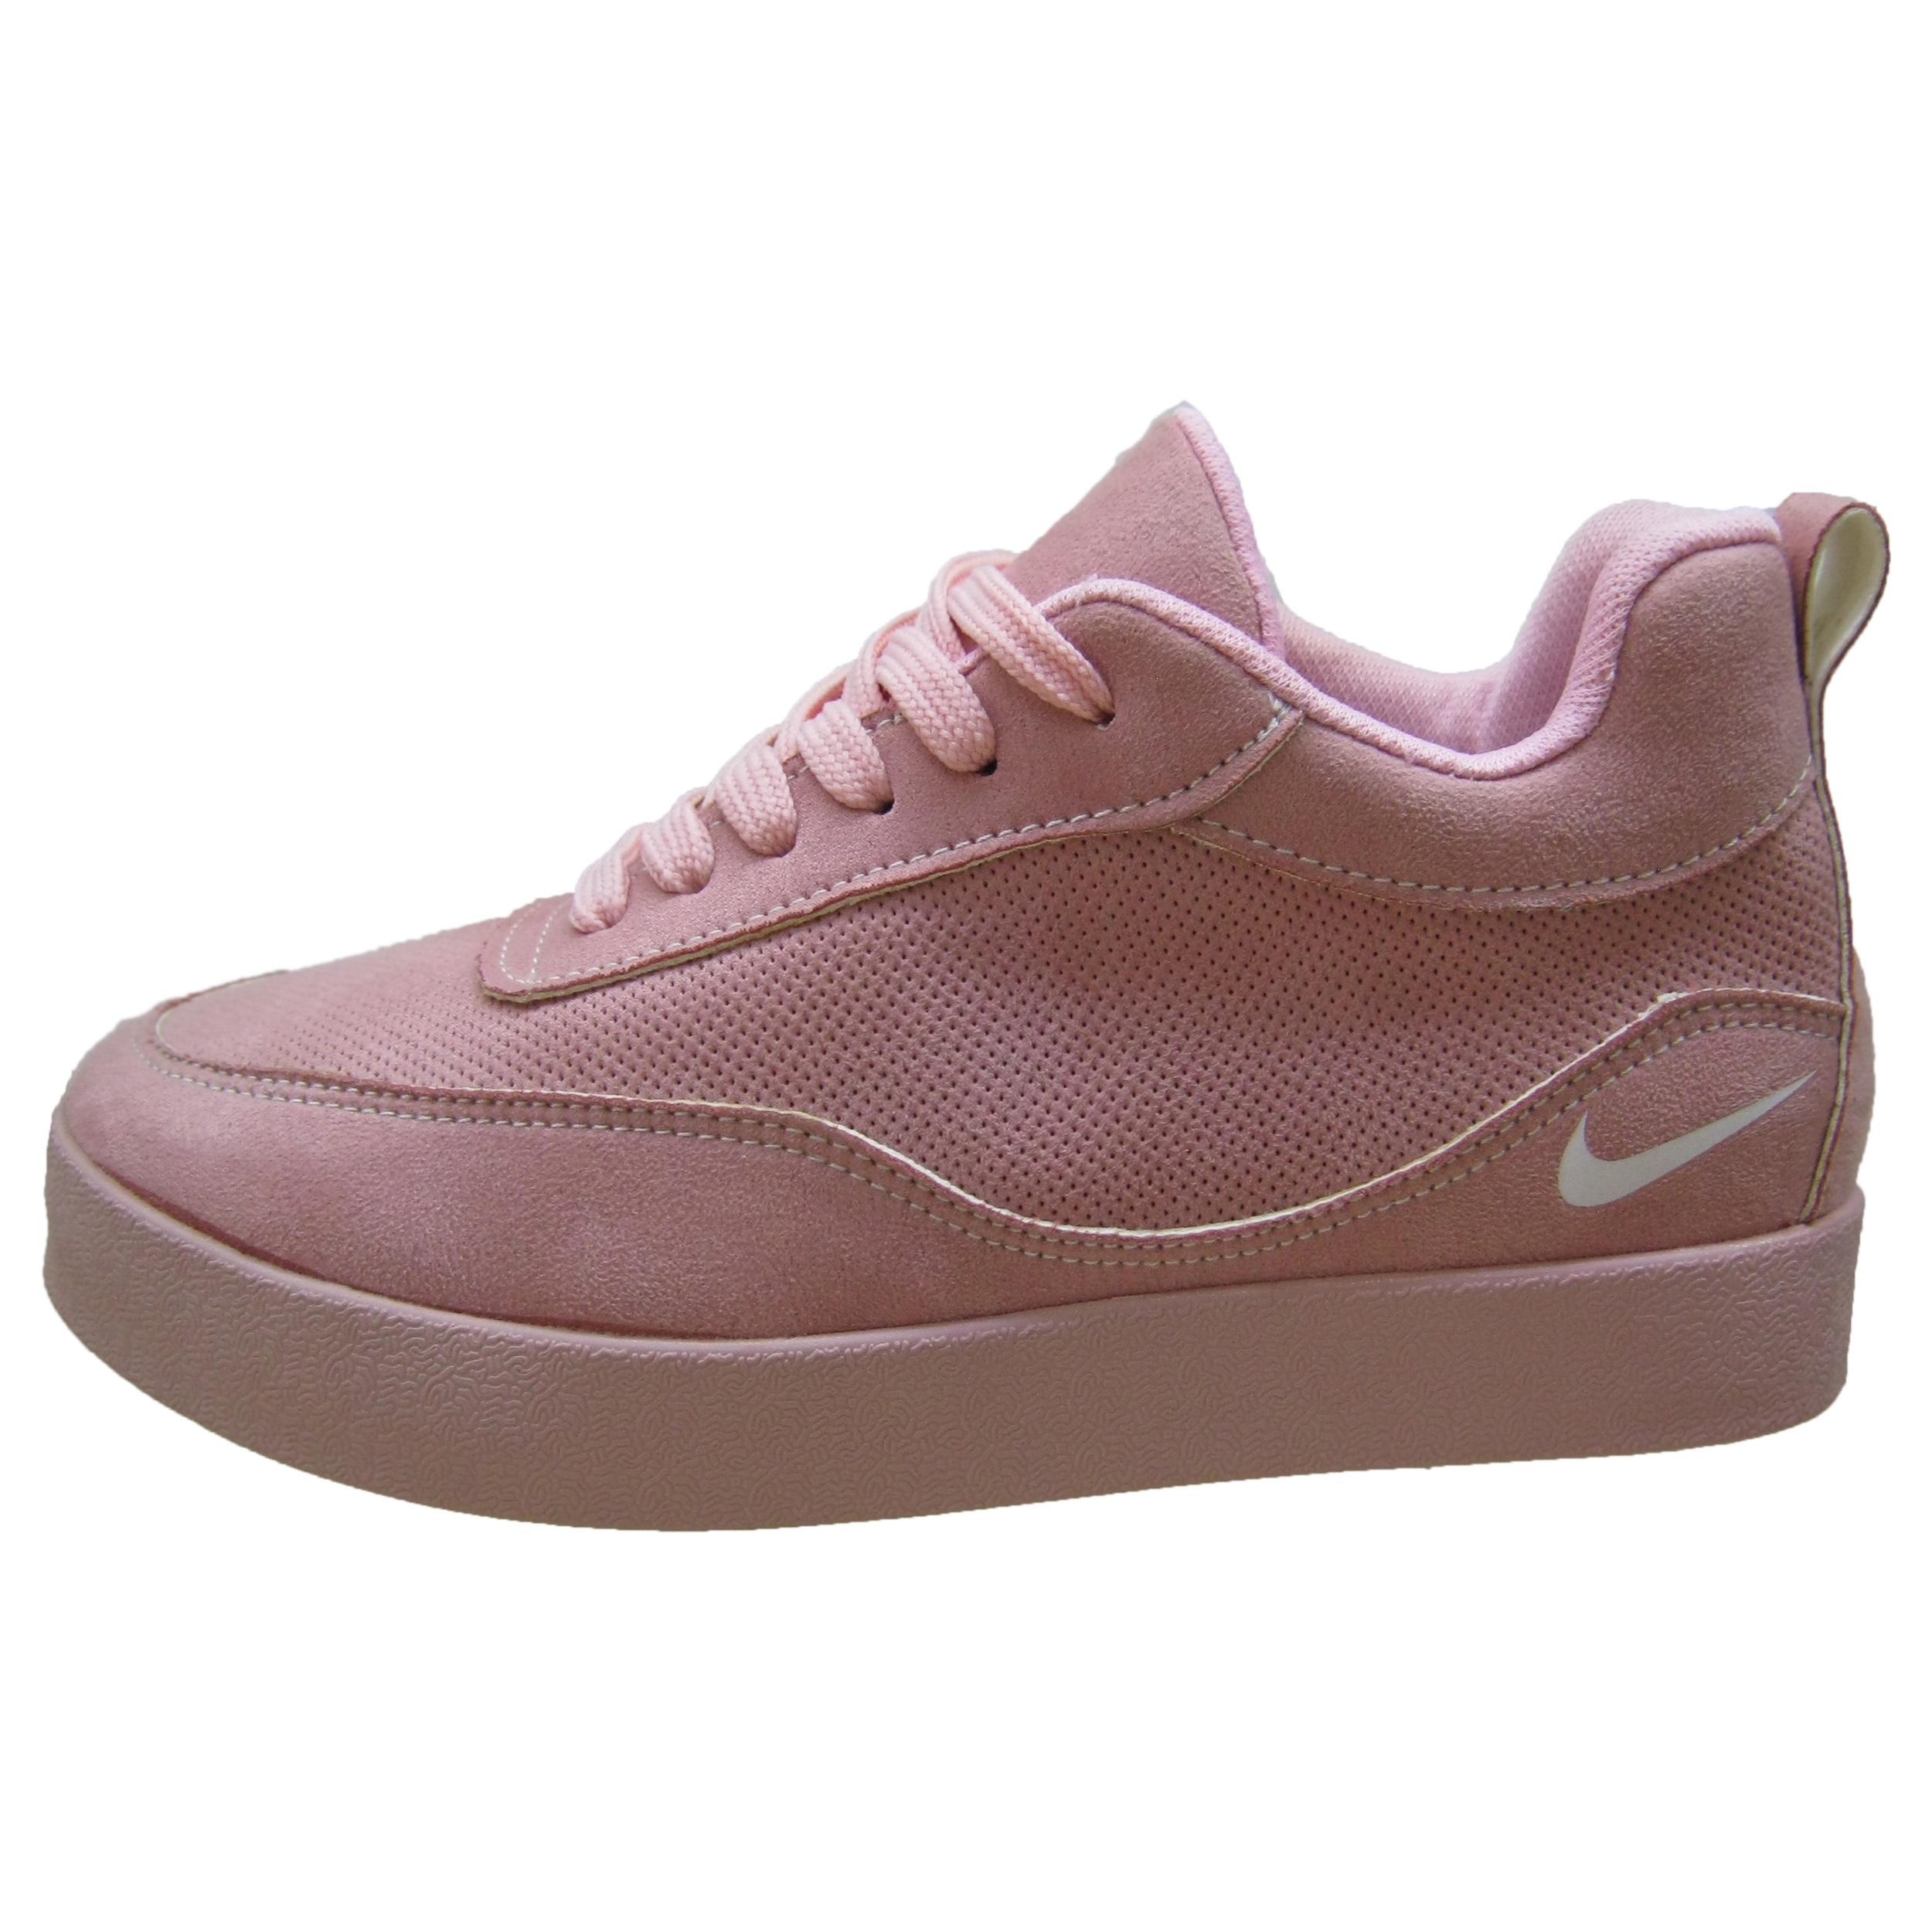 کفش مخصوص پیاده روی زنانه کد 0016